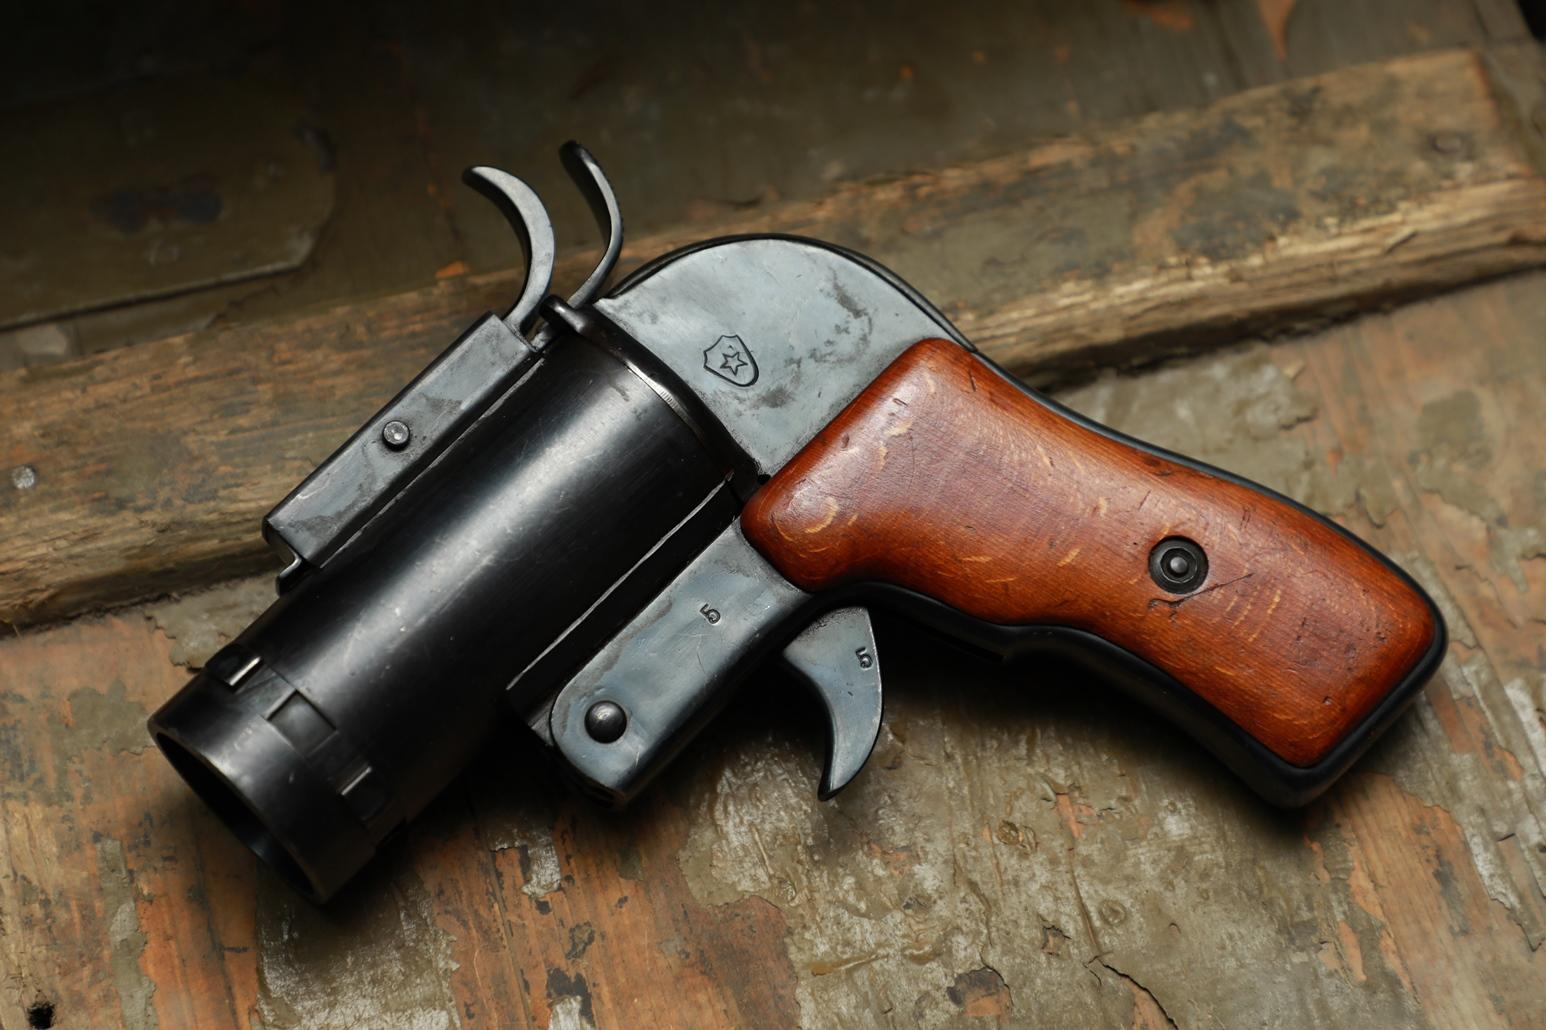 Опытный сигнальный пистолет ОПШ Шпагина №5